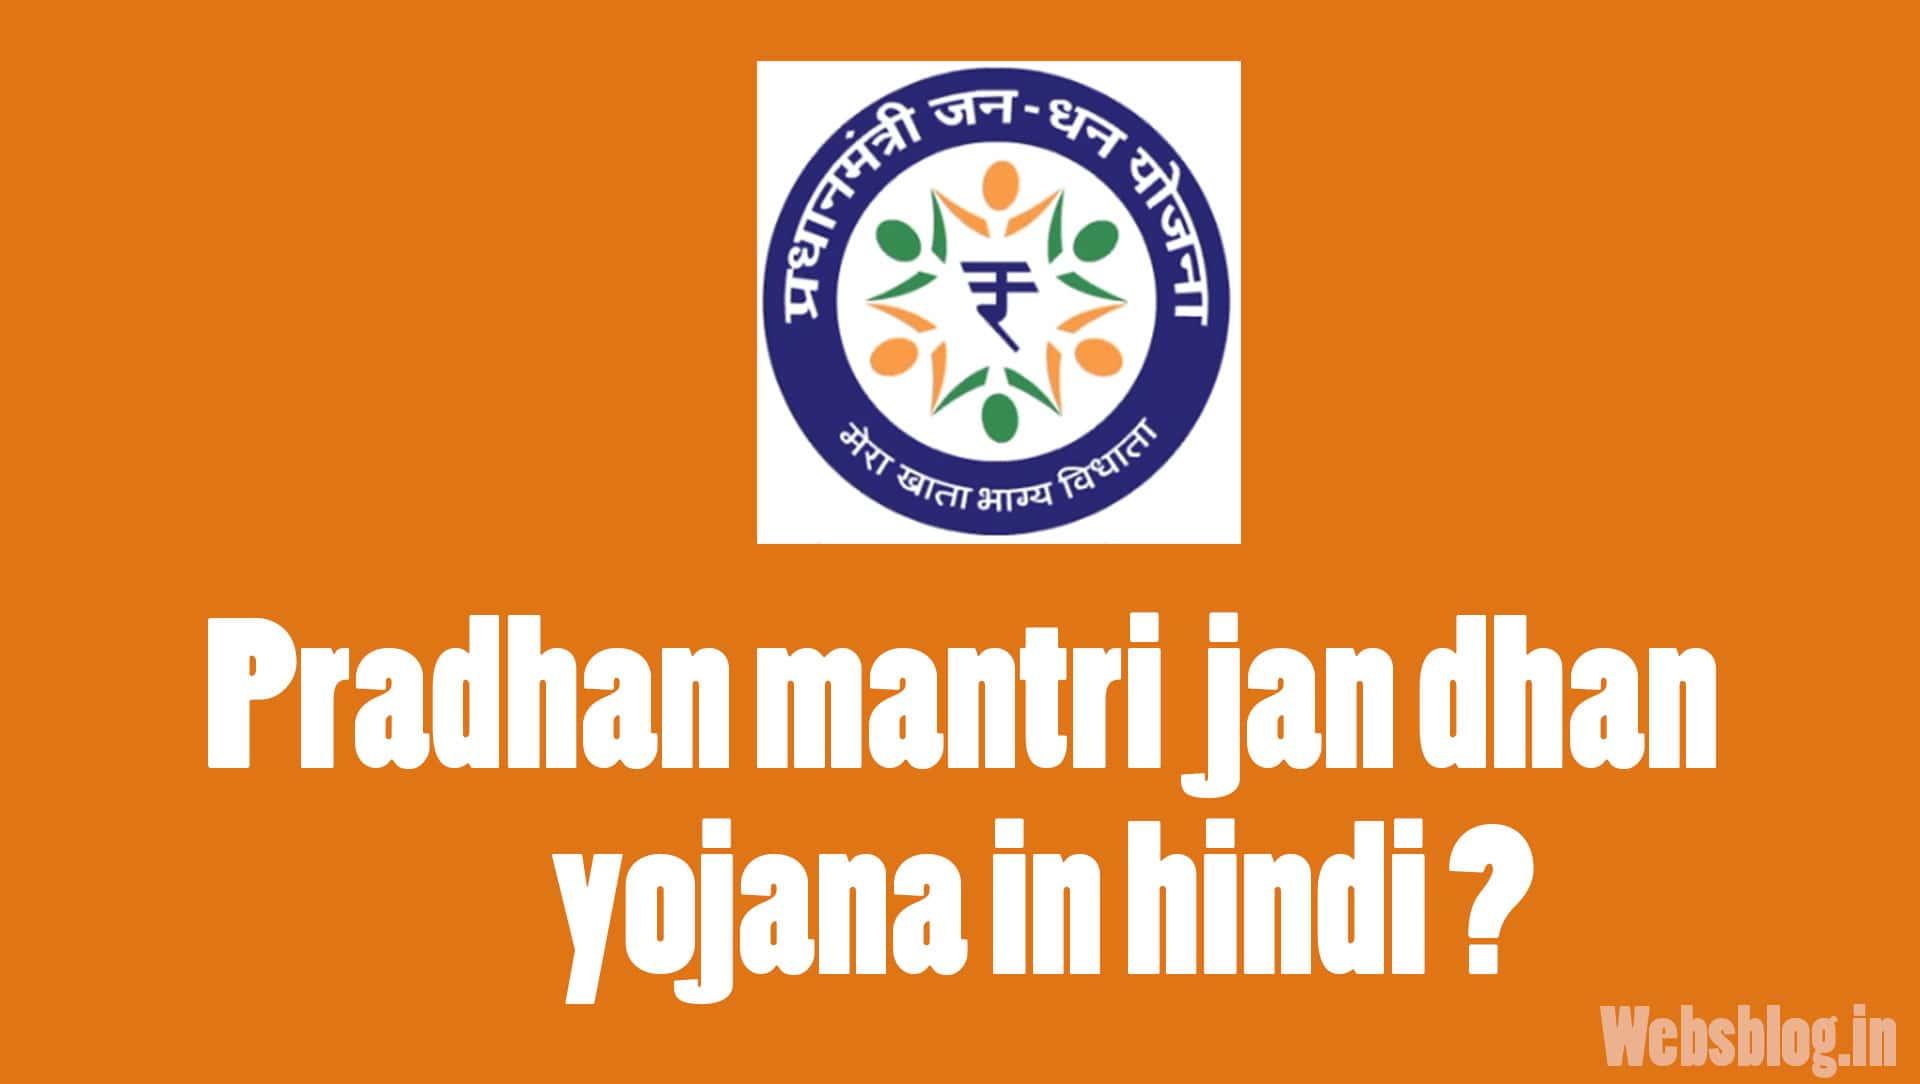 Pradhan-mantri-jan-dhan-yojana-in-hindi